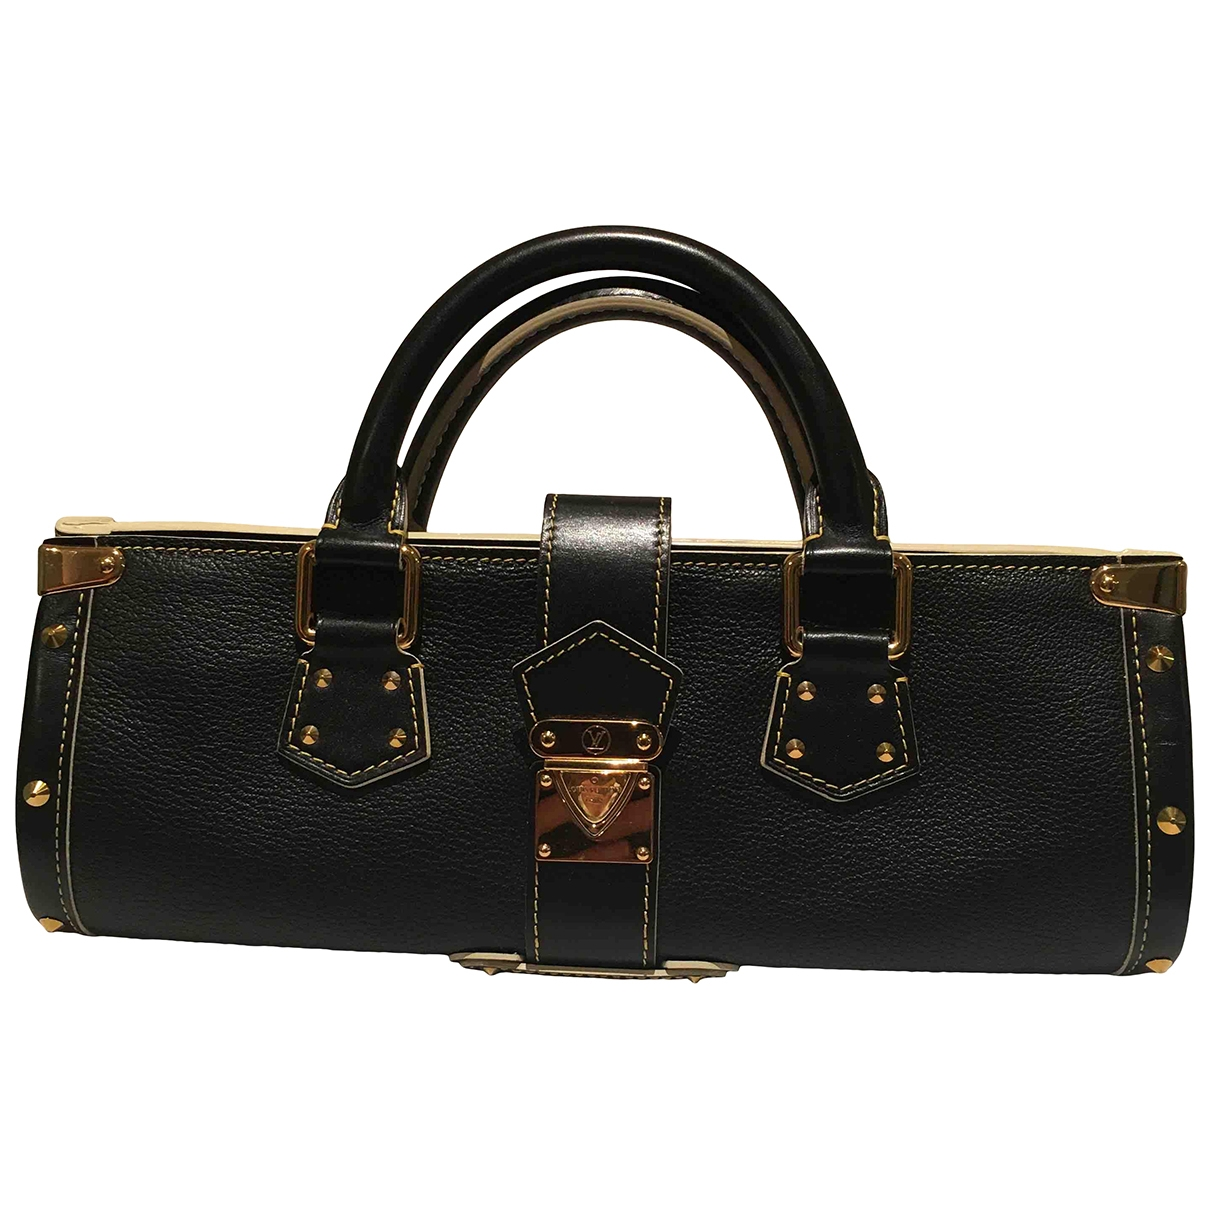 Louis Vuitton Le Fabuleux Handtasche in  Schwarz Leder